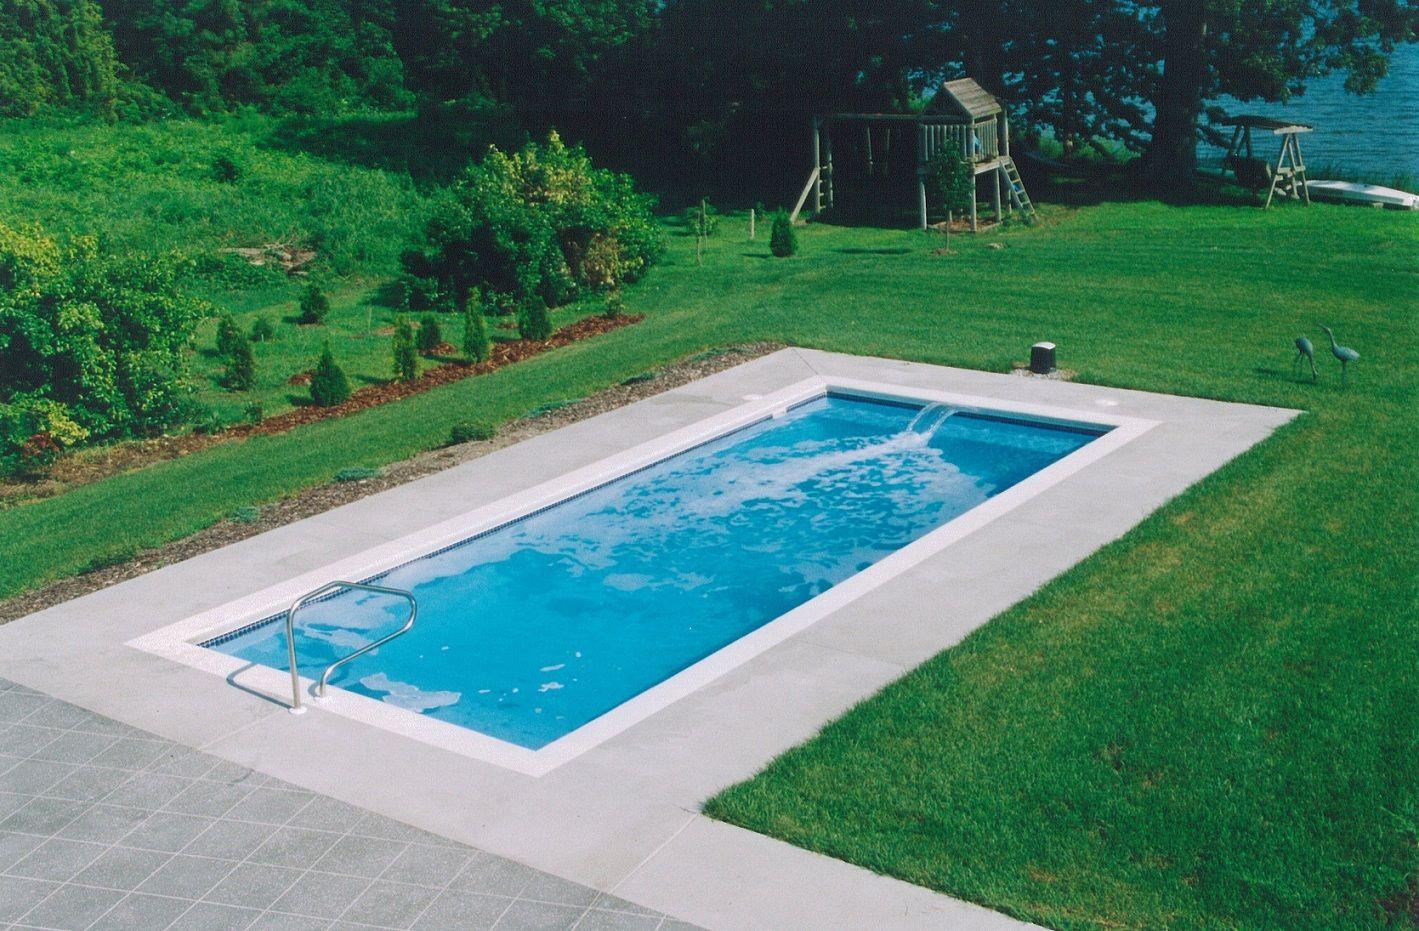 Lap Pool Designs Size Bestlappooldesigns Small Inground Pool Swimming Pool Galleries Rectangular Pool